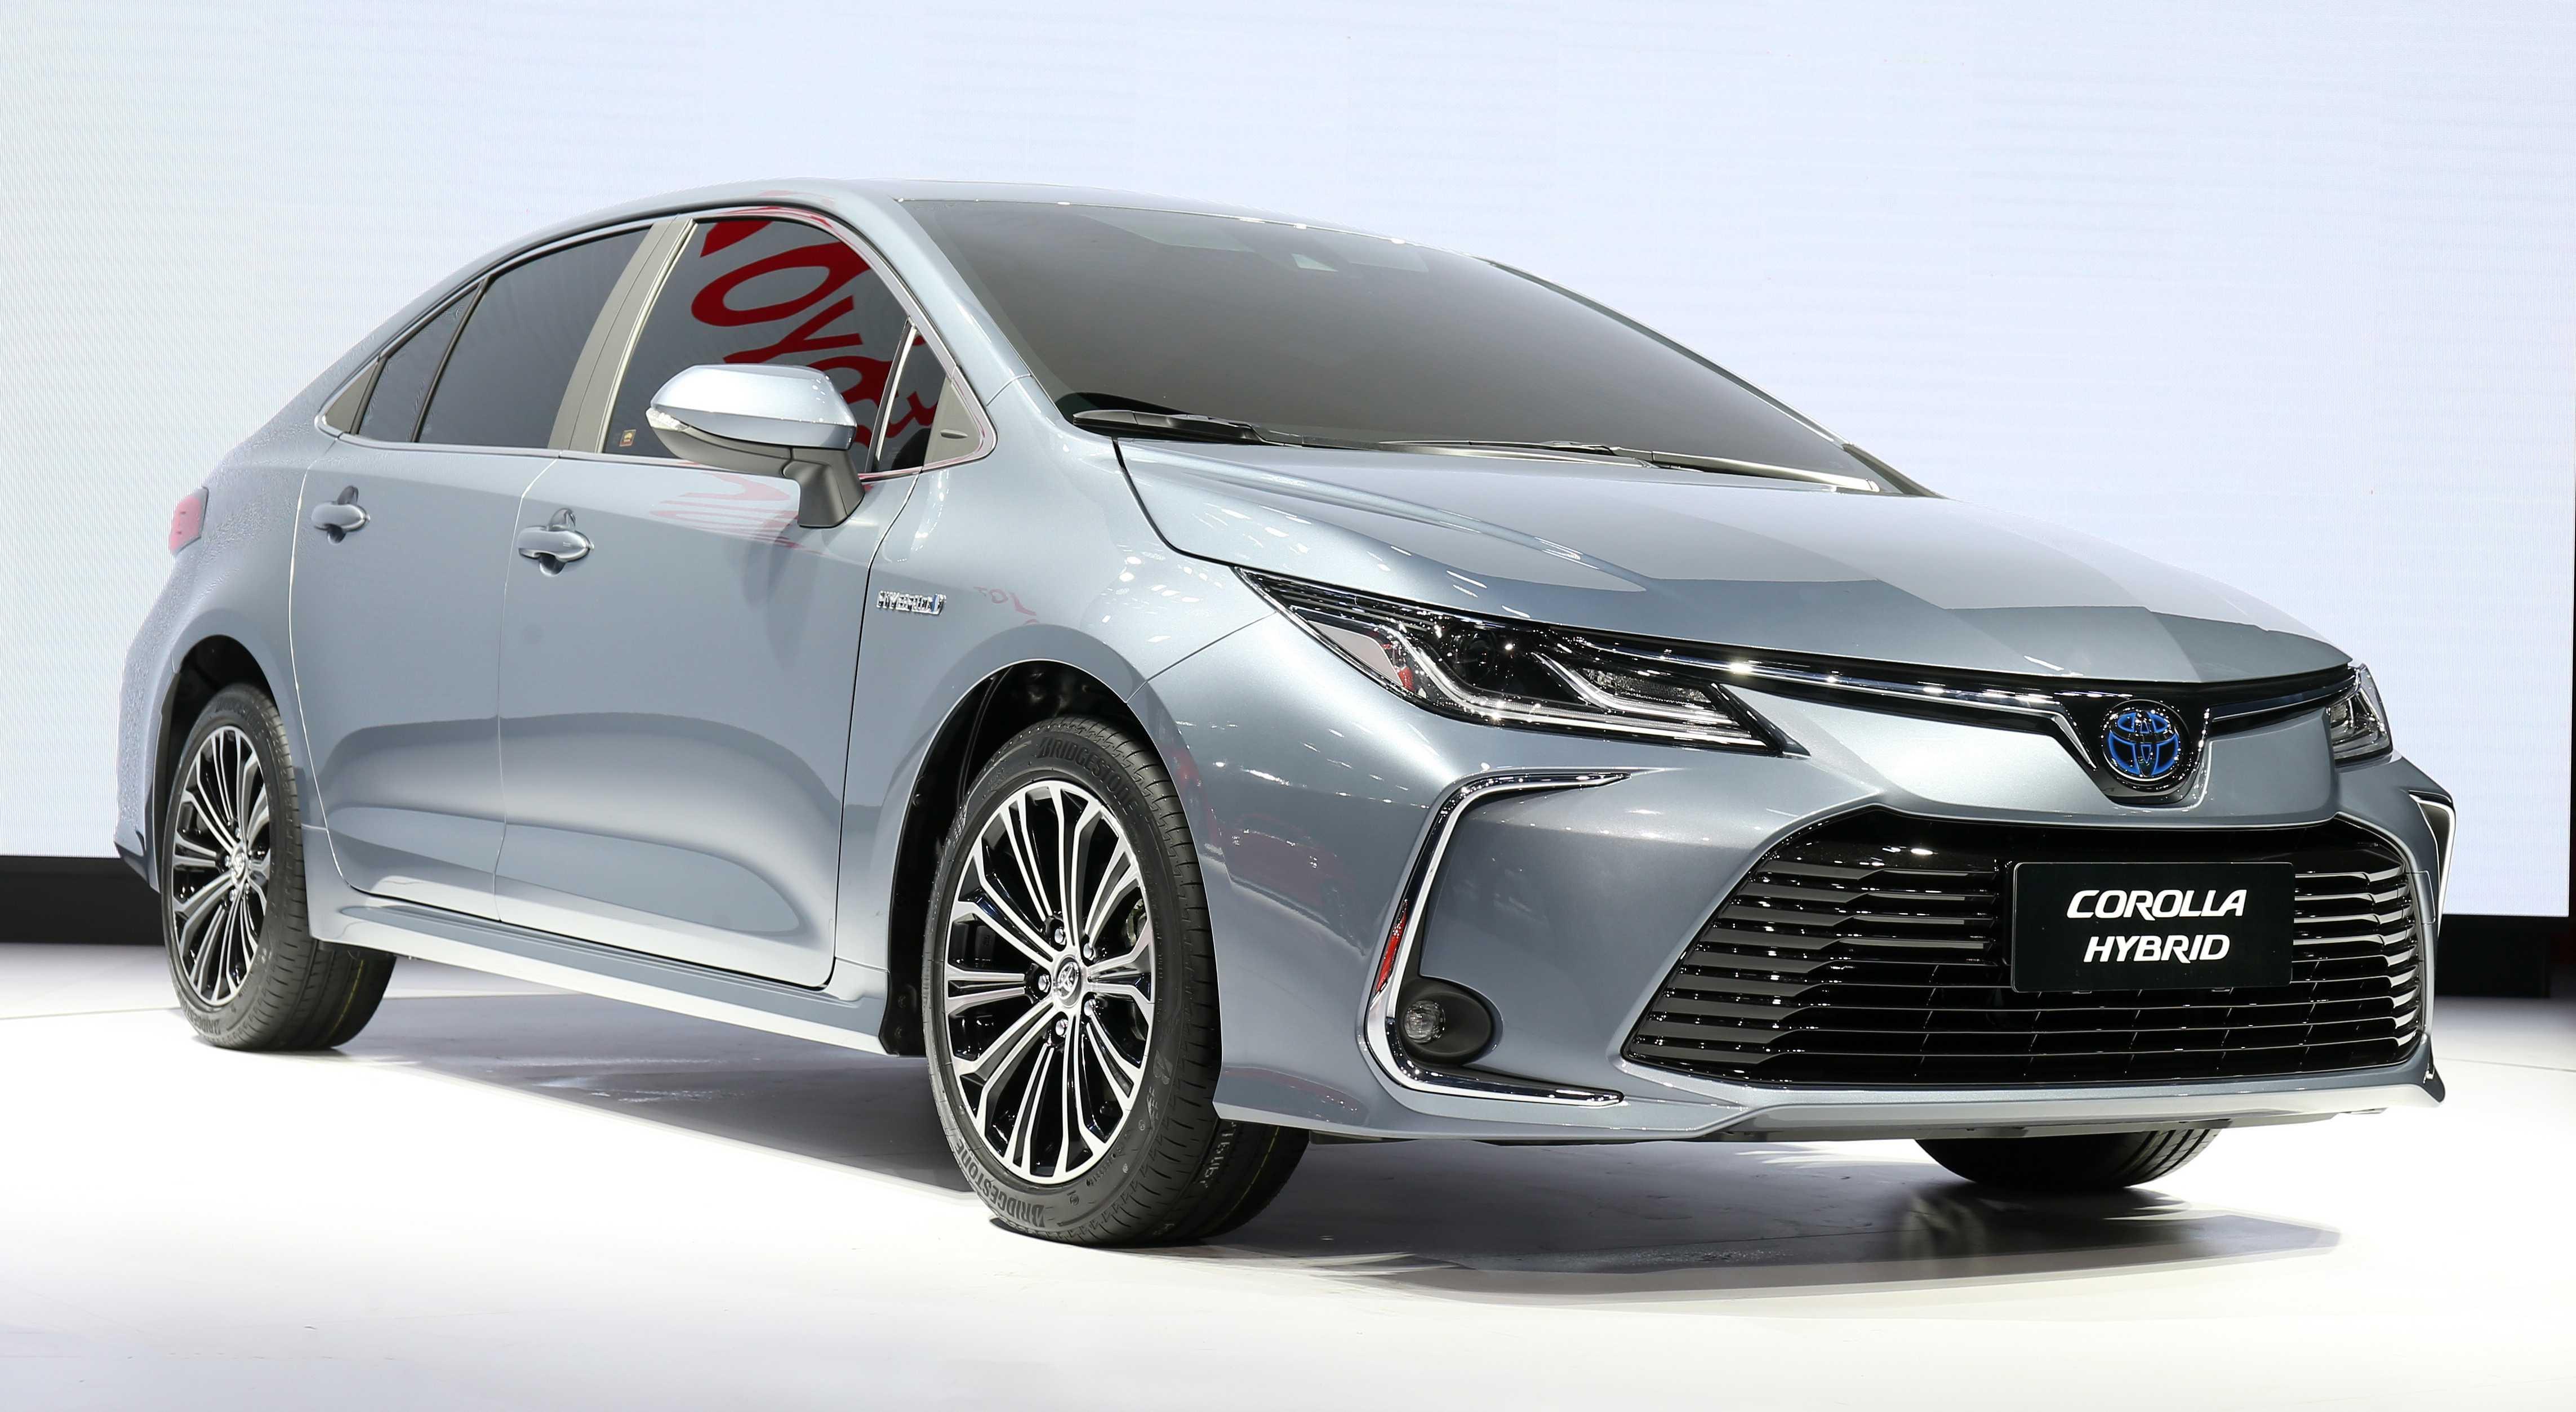 Toyota corolla 2018, 2019, 2020, 2021, хэтчбек 5 дв., 12 поколение, e210 технические характеристики и комплектации